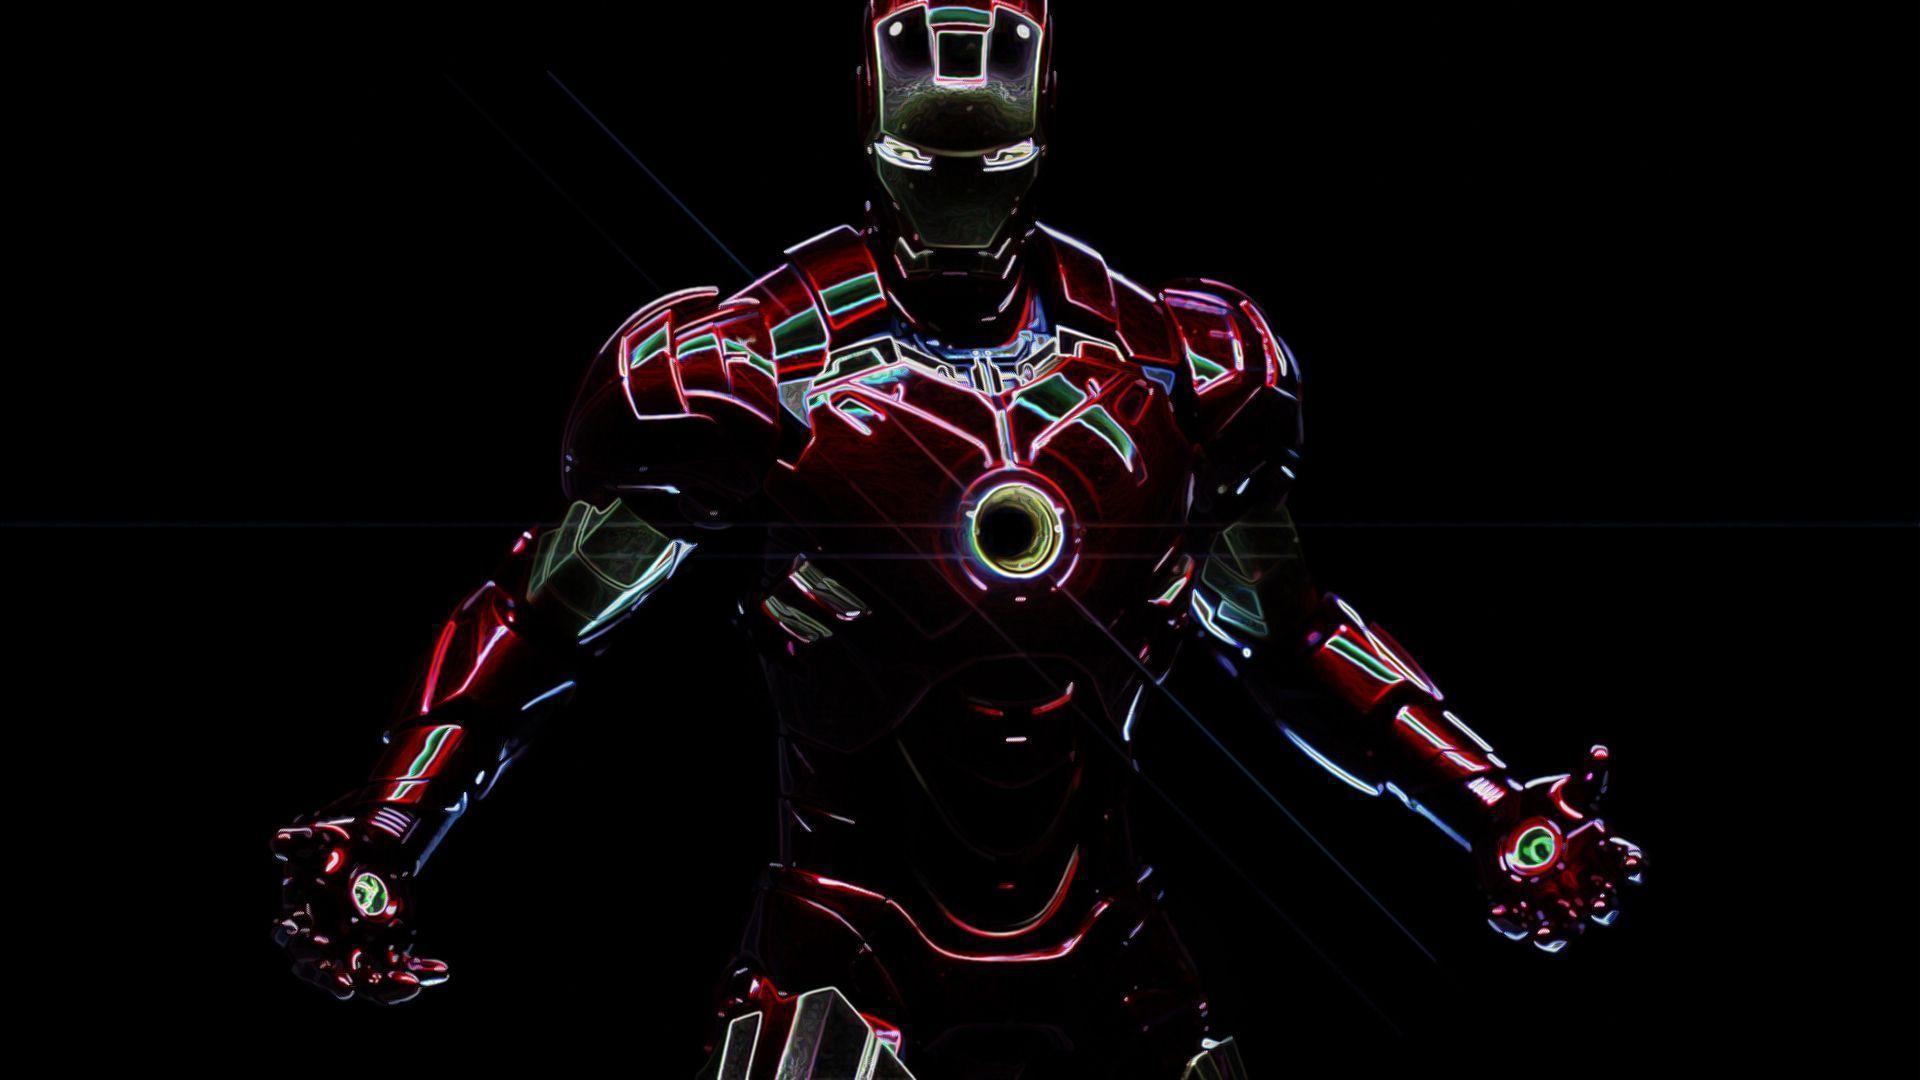 Ironman Artwork #9718 Desktop Wide | Goodwallpaperdesktop.